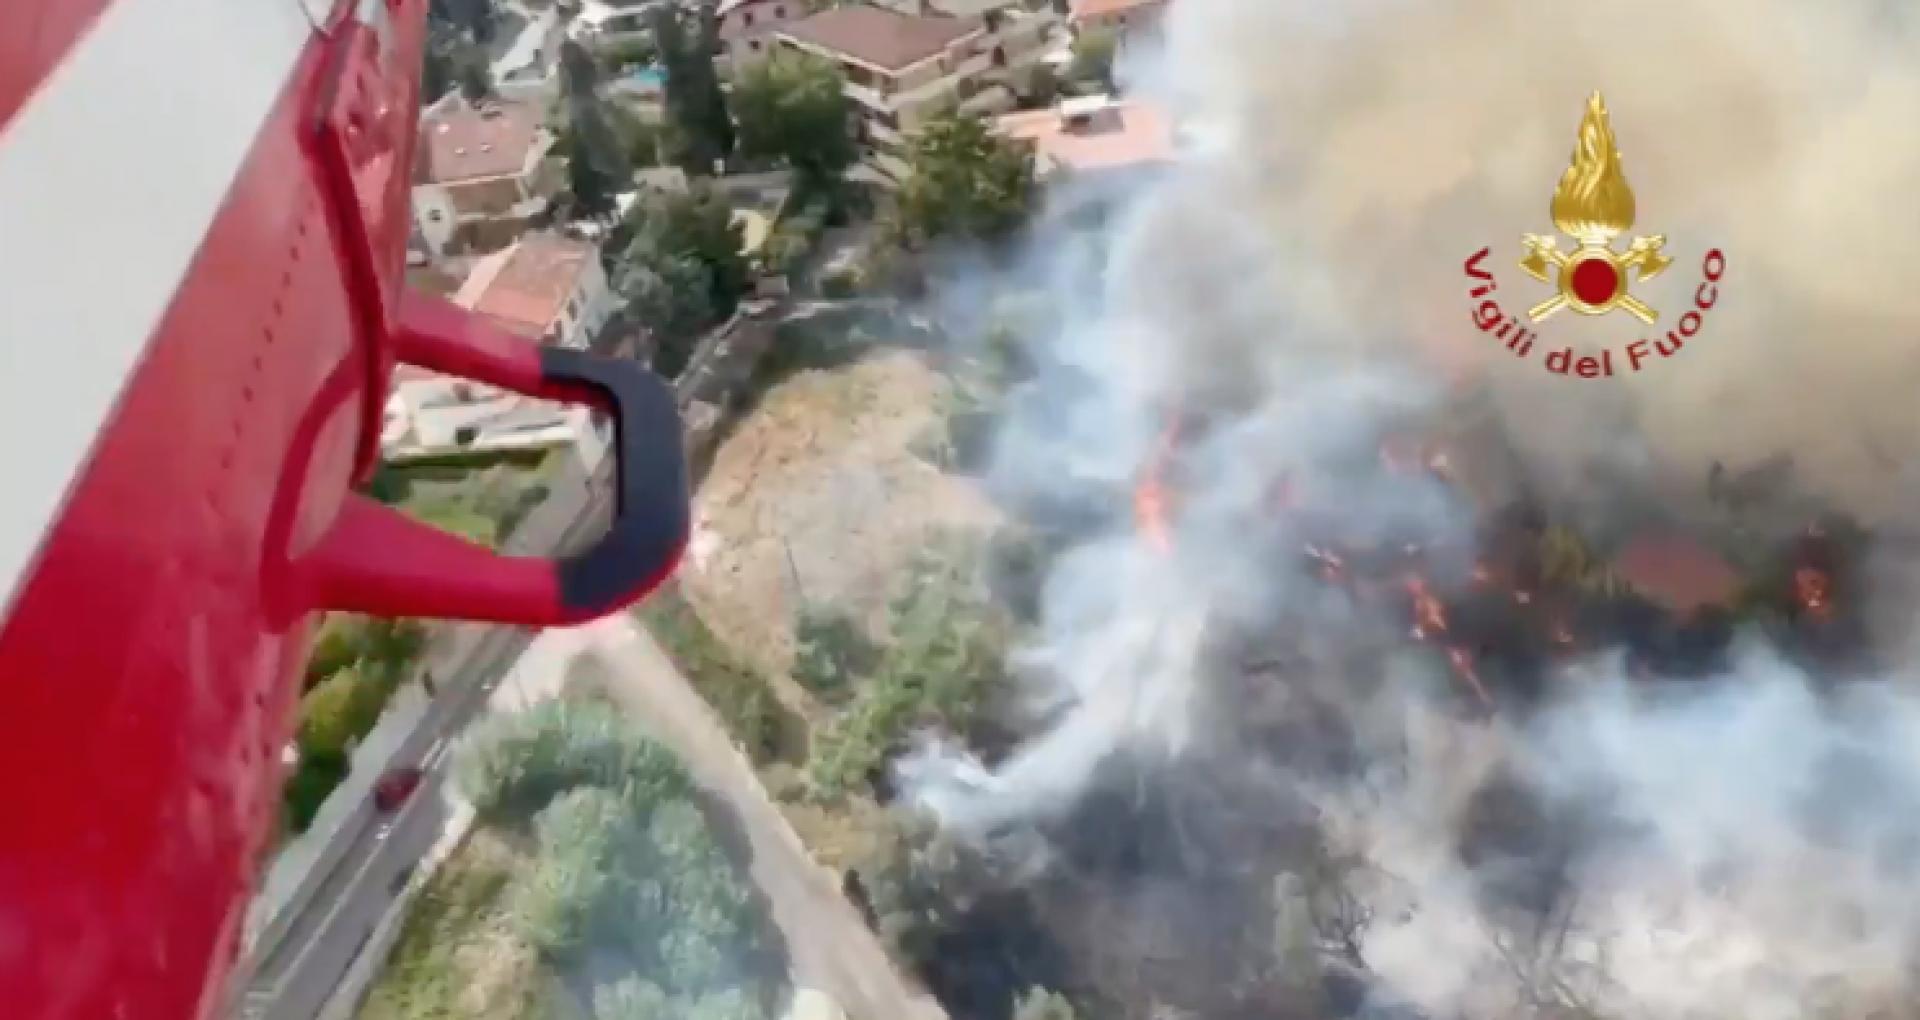 VIDEO/ Cel puțin cinci persoane au fost rănite, iar un copil a ajuns la spital, în urma incendiilor violente de pădure din Italia